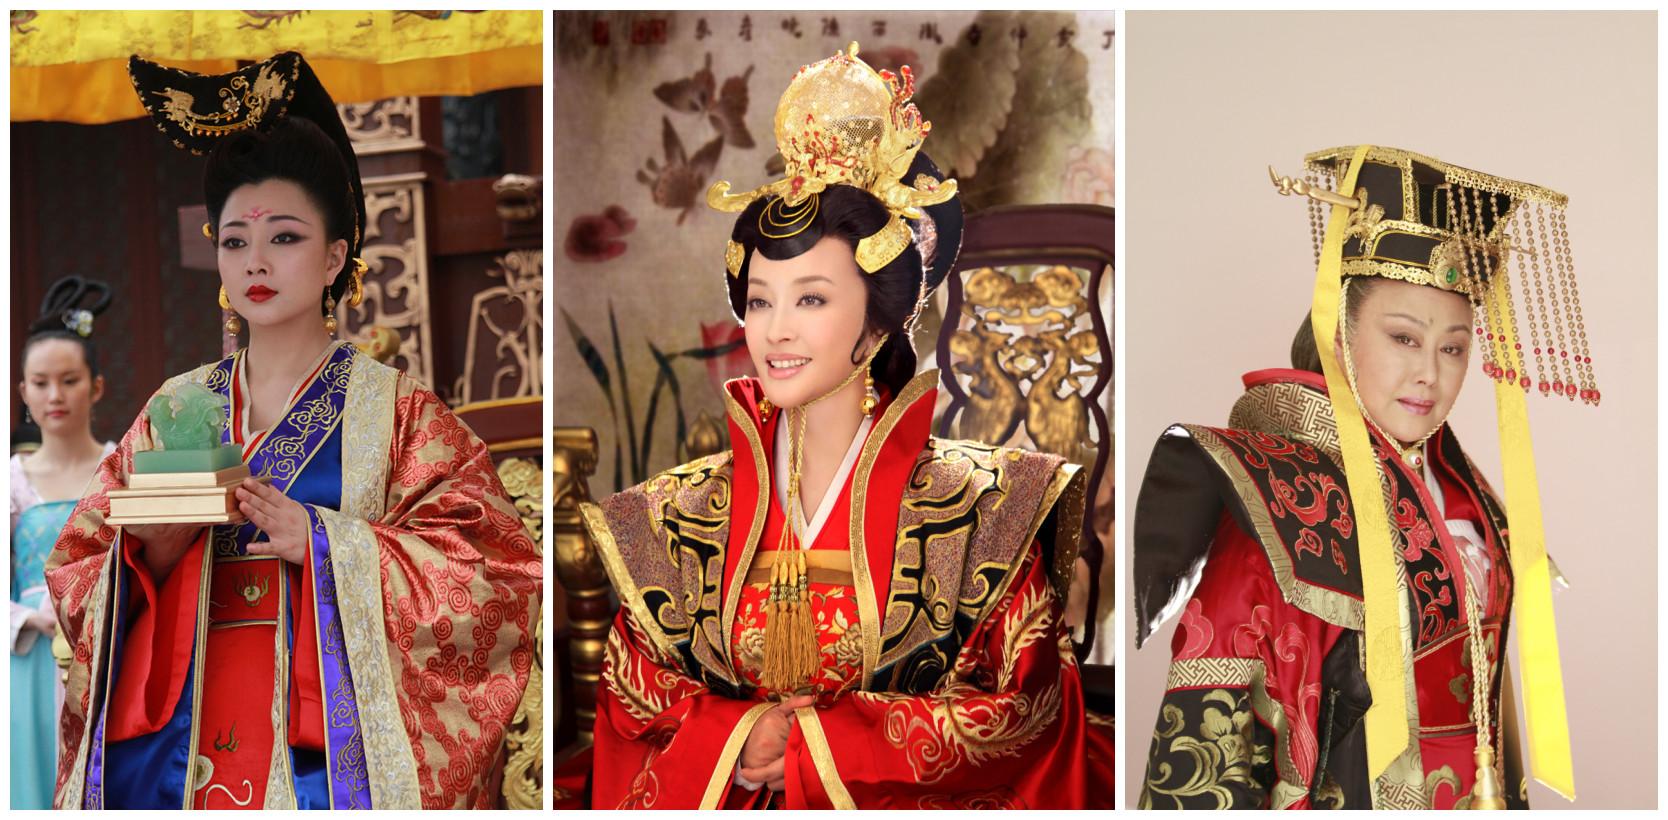 较之殷桃版的妩媚青年武则天刘晓庆的霸气年